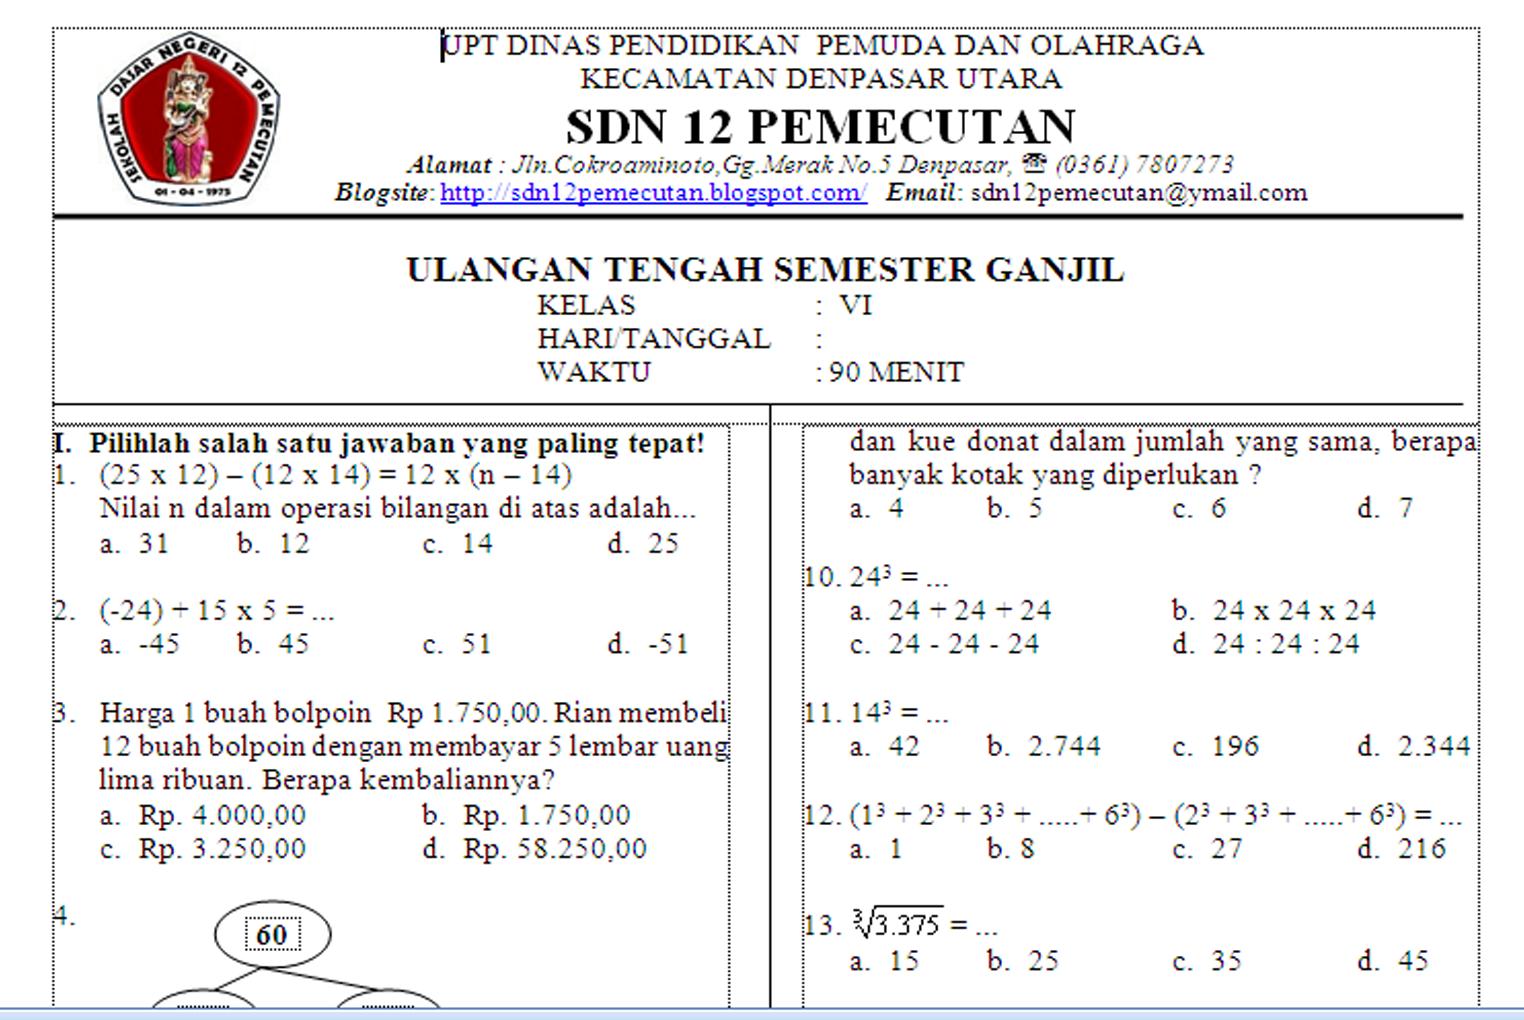 Mudiartana Made Ulangan Tengah Semester Uts Matematika Sd Kelas 6